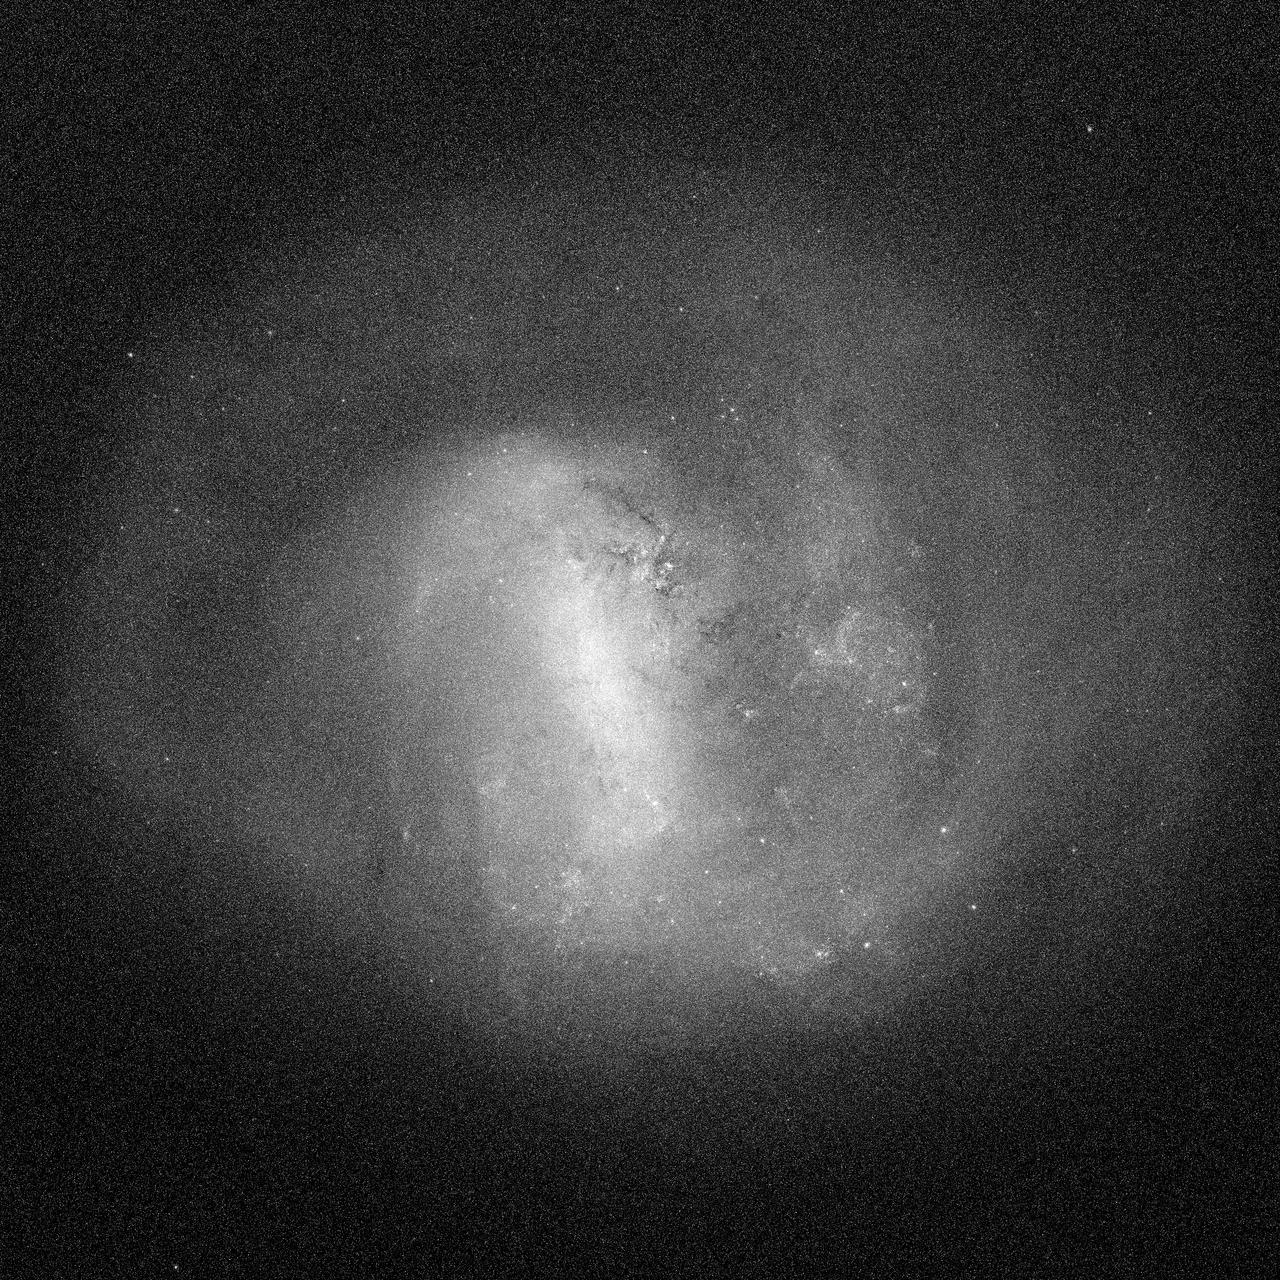 1567214507510-Gaia_LMC_flux_1280.jpg